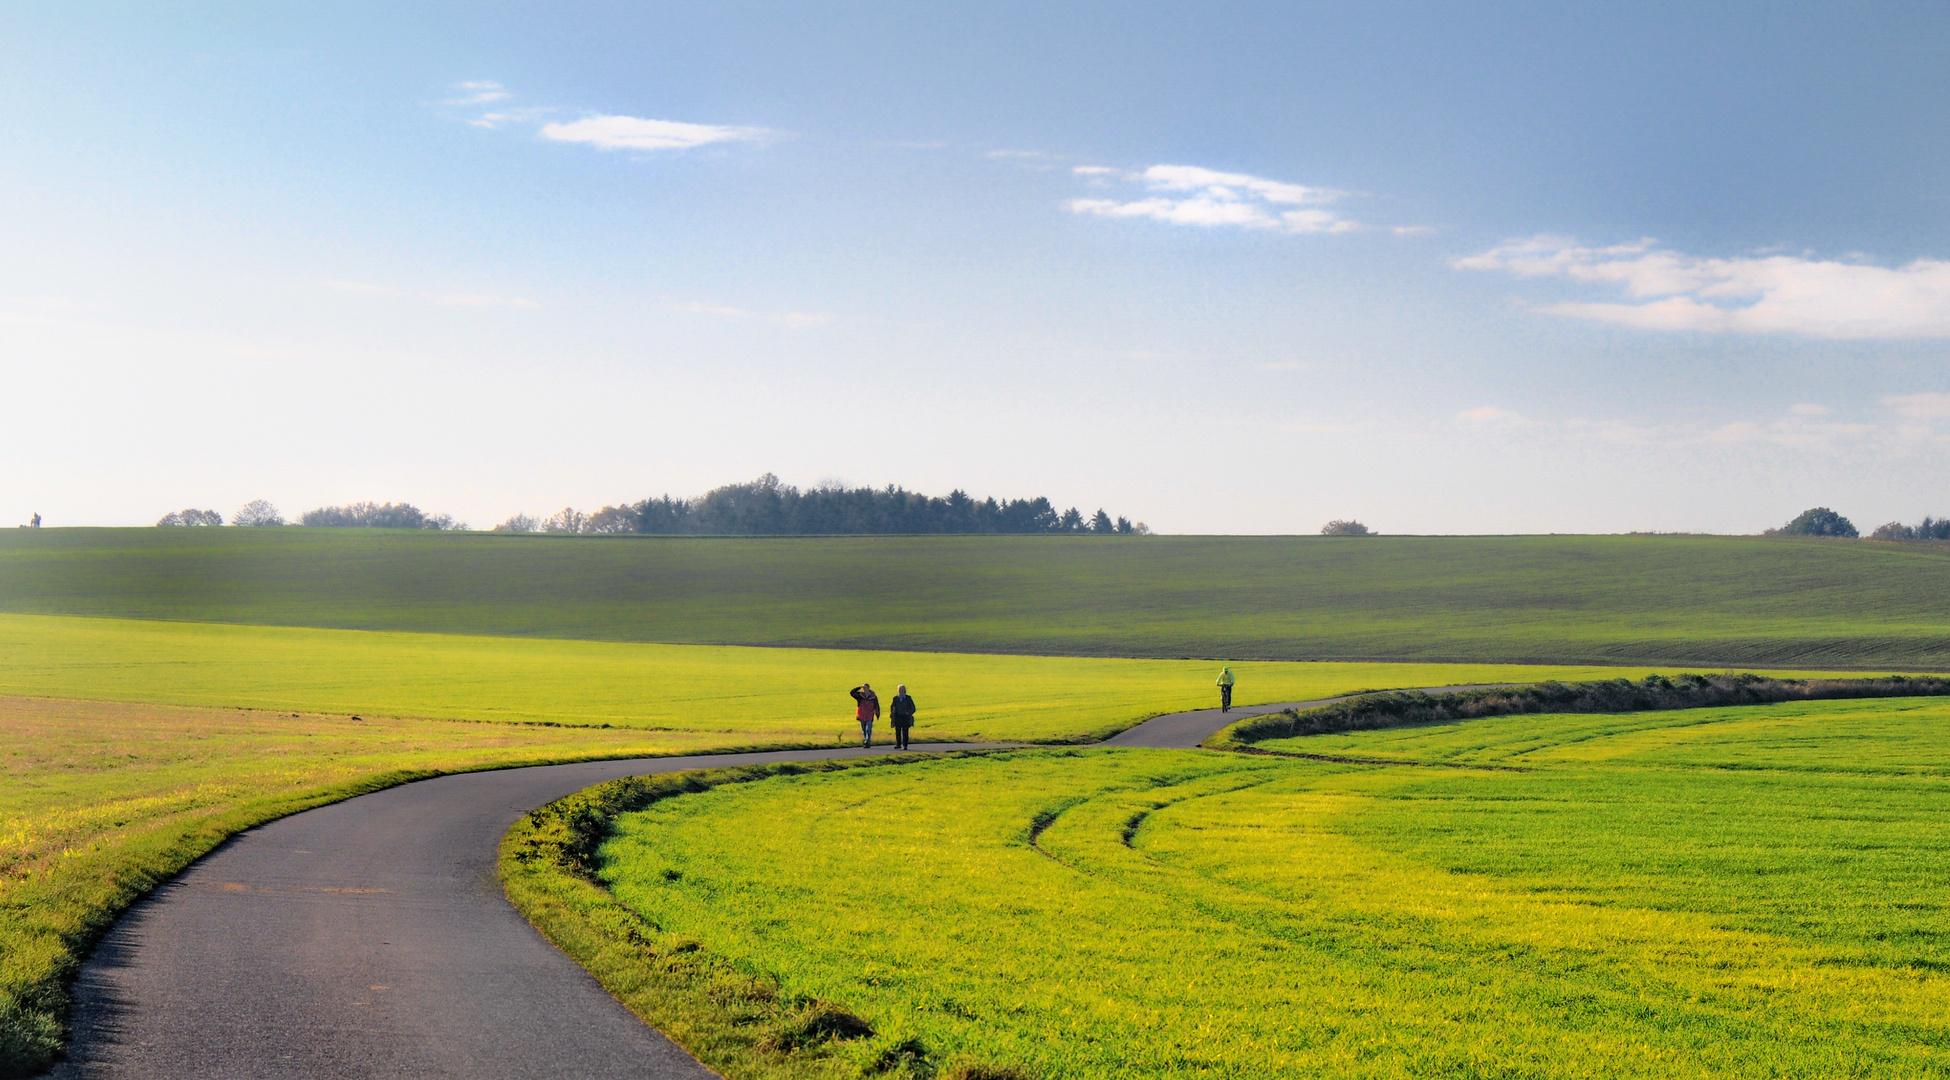 Am Niederrhein - Durch die Felder